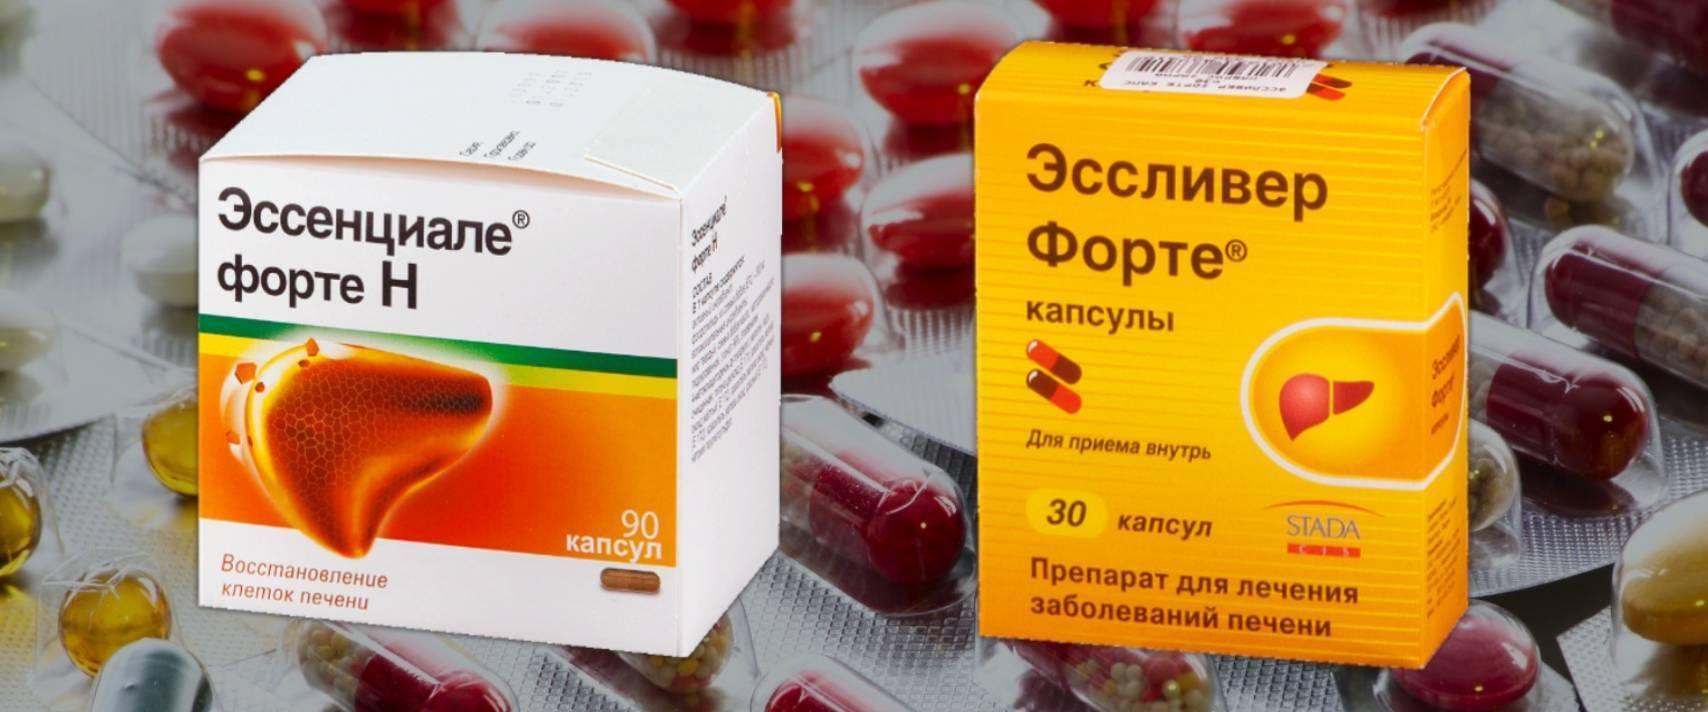 Препараты для лечения печени. что лучше принимать — фосфоглив или гептрал?